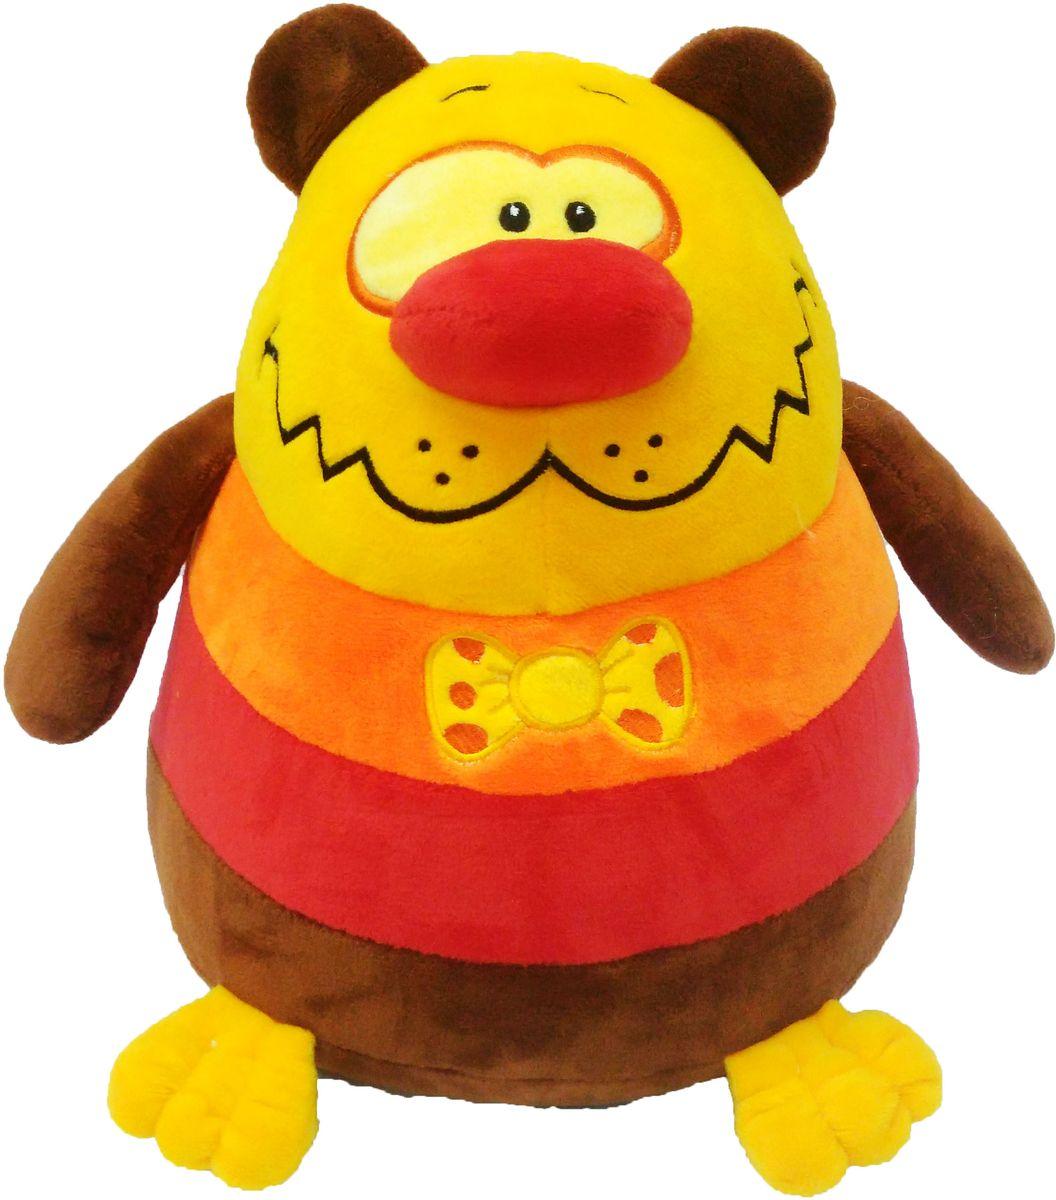 СмолТойс Мягкая игрушка Медвежонок шарик 26 см мягкая игрушка смолтойс медвежонок тедди коричневый 30 см